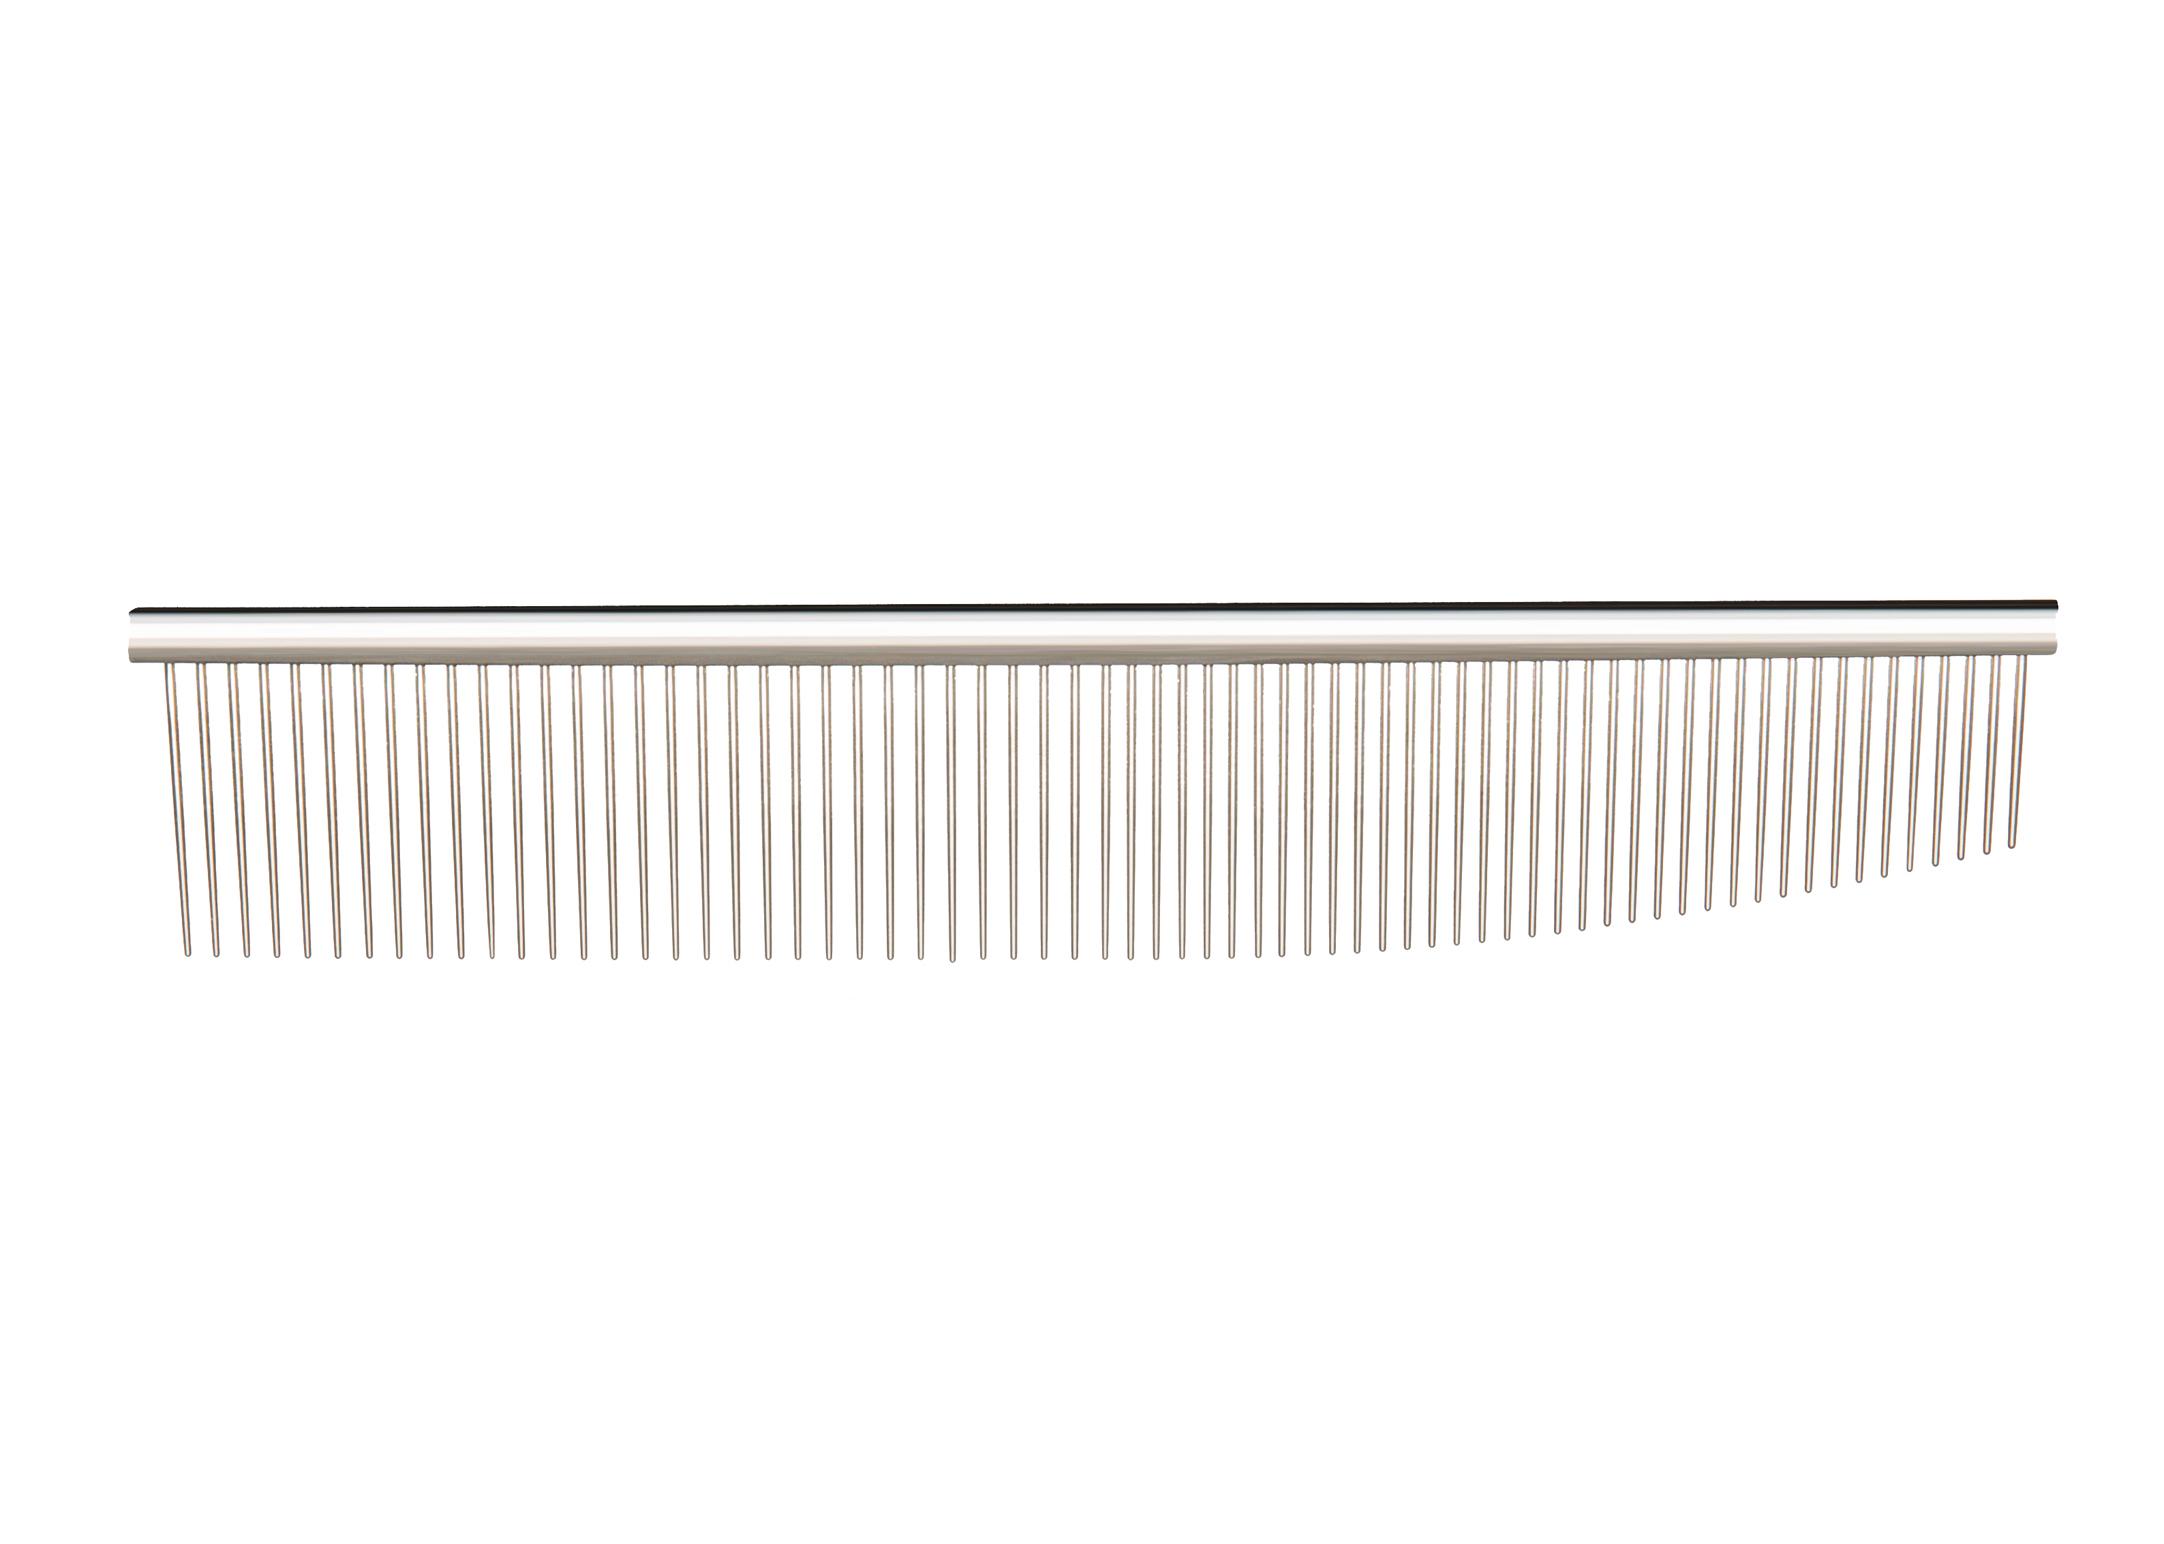 Utsumi U&U Combination Comb Silver Comb 16,5cm Comb